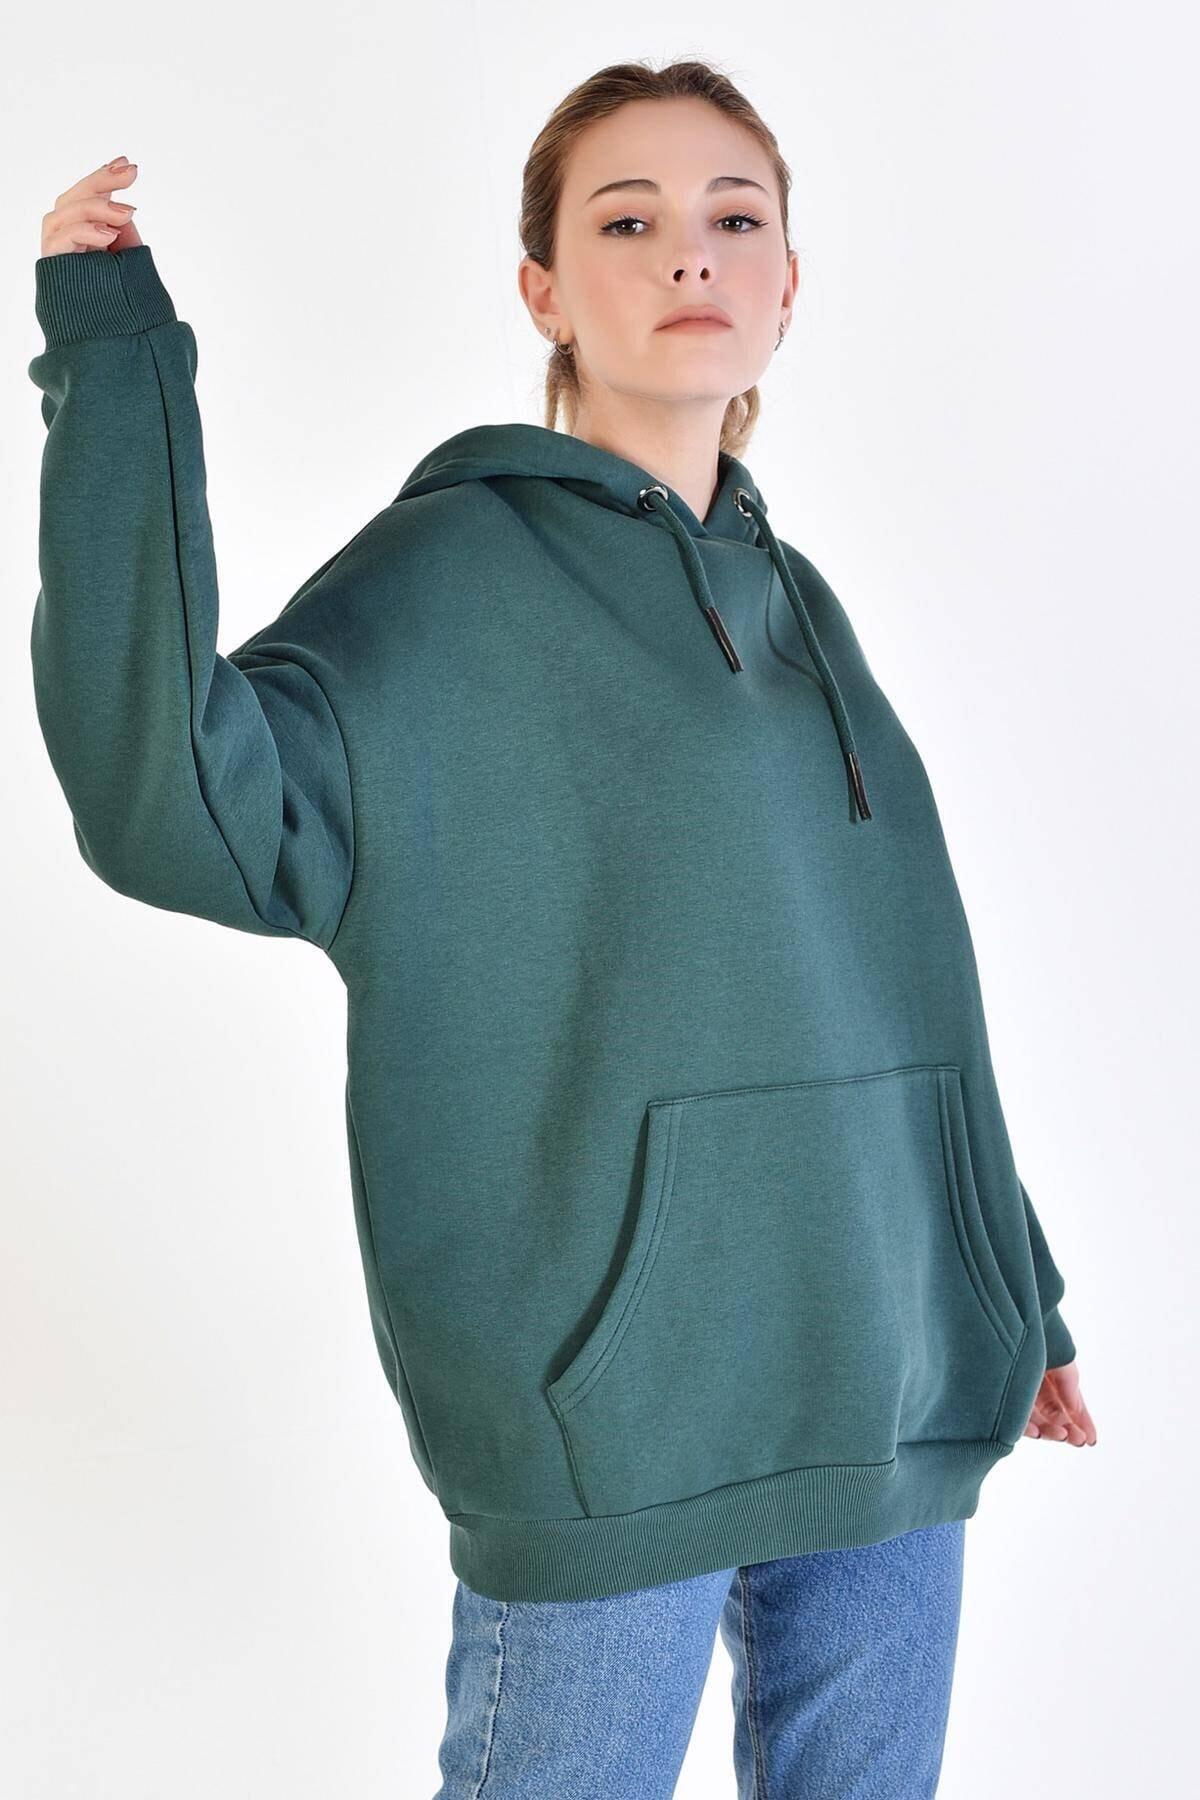 Addax Kadın Koyu Yeşil Kapşonlu Sweat S8641 - S1 - S2 - Z1 ADX-0000020618 2